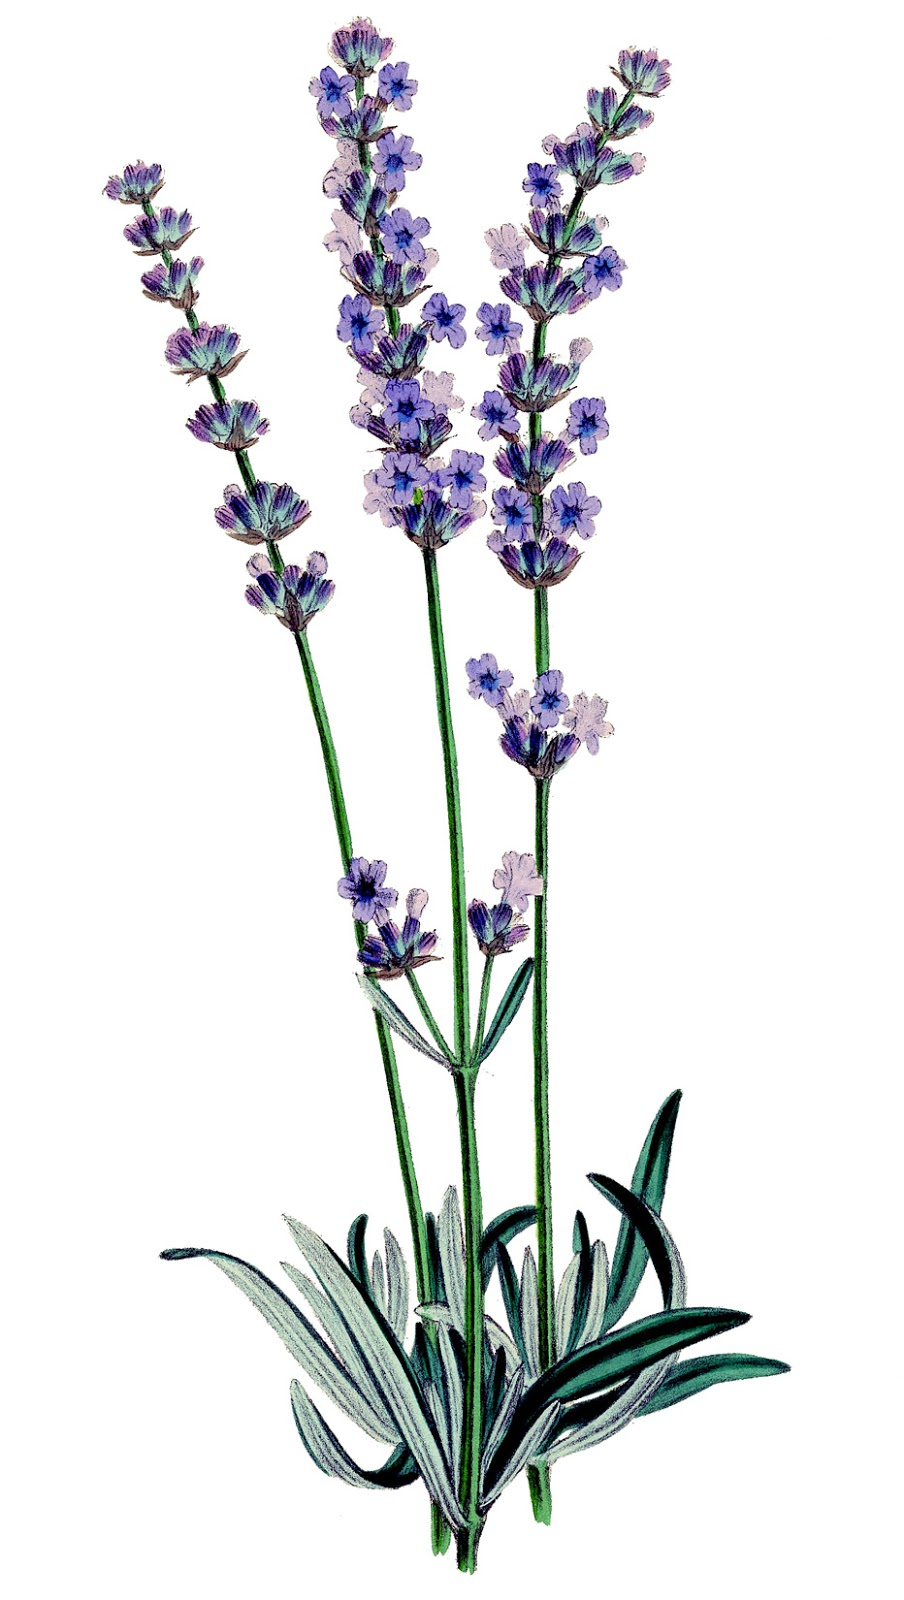 Lavender plant clipart.